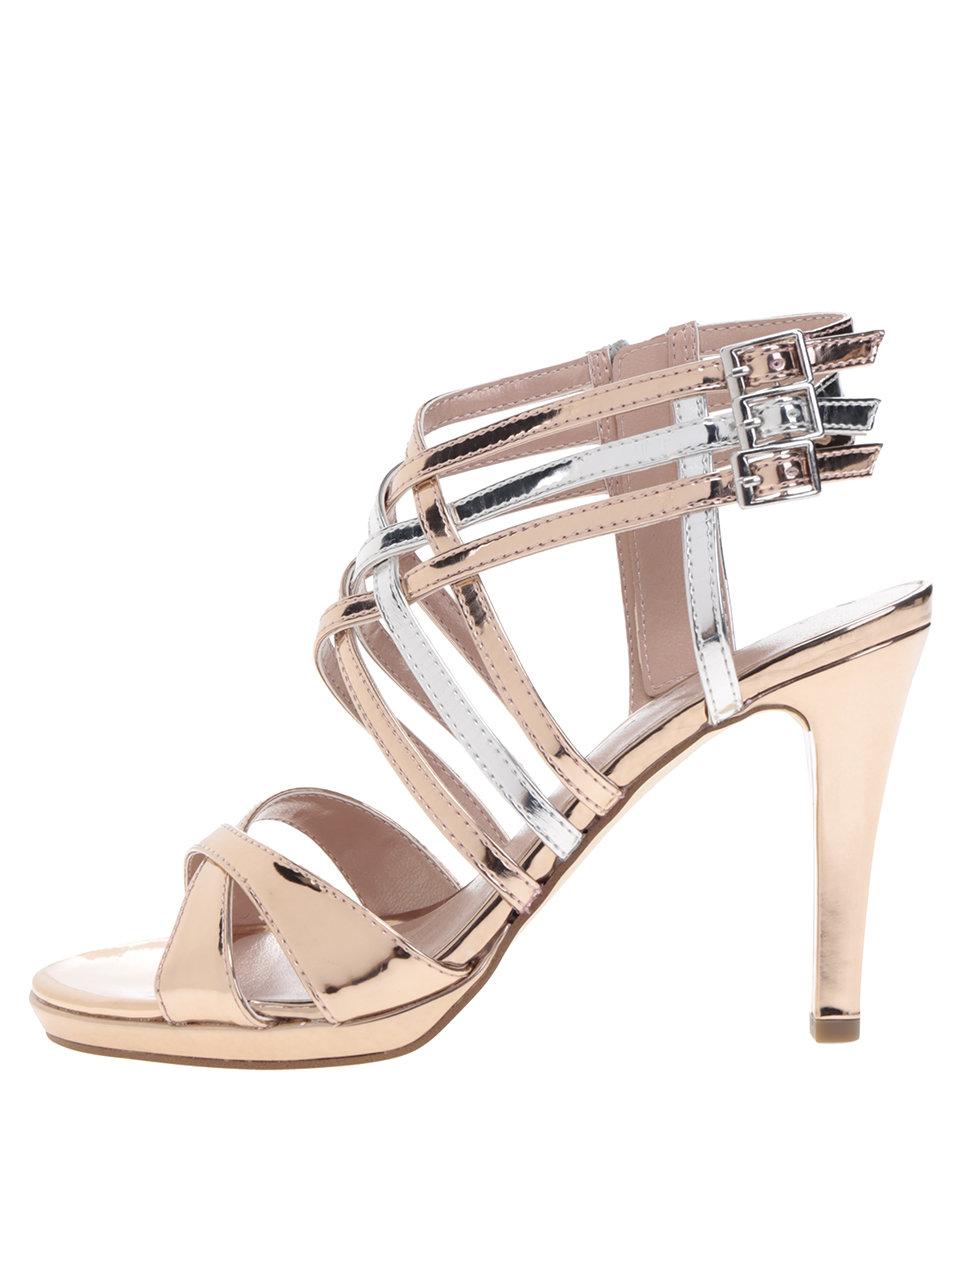 99aa9aa03131 Remienkové sandále na podpätku v strieborno-zlatej farbe Tamaris ...